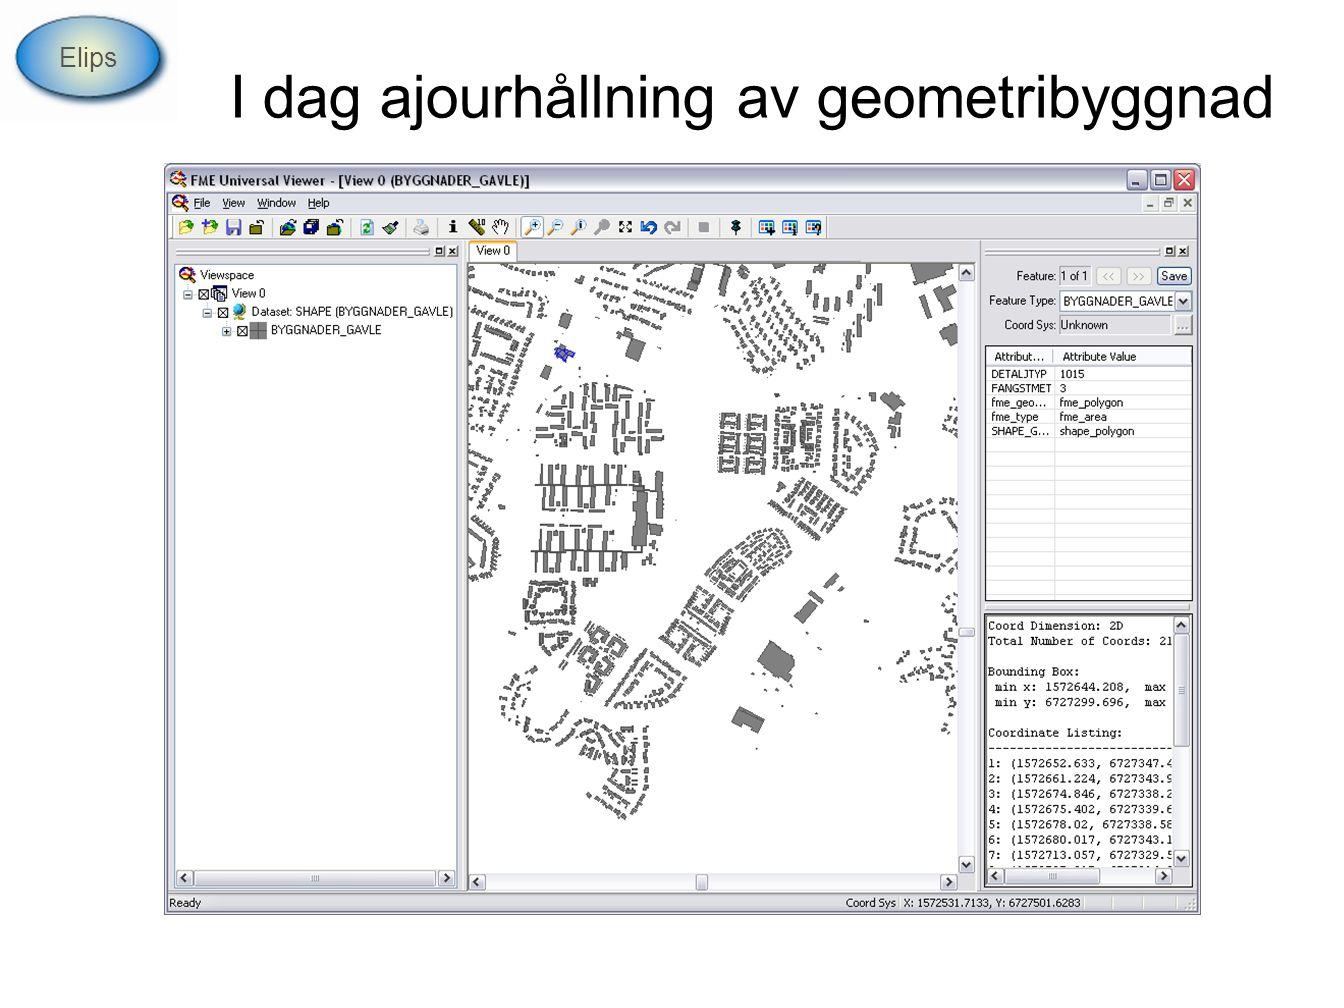 I dag ajourhållning av geometribyggnad Elips